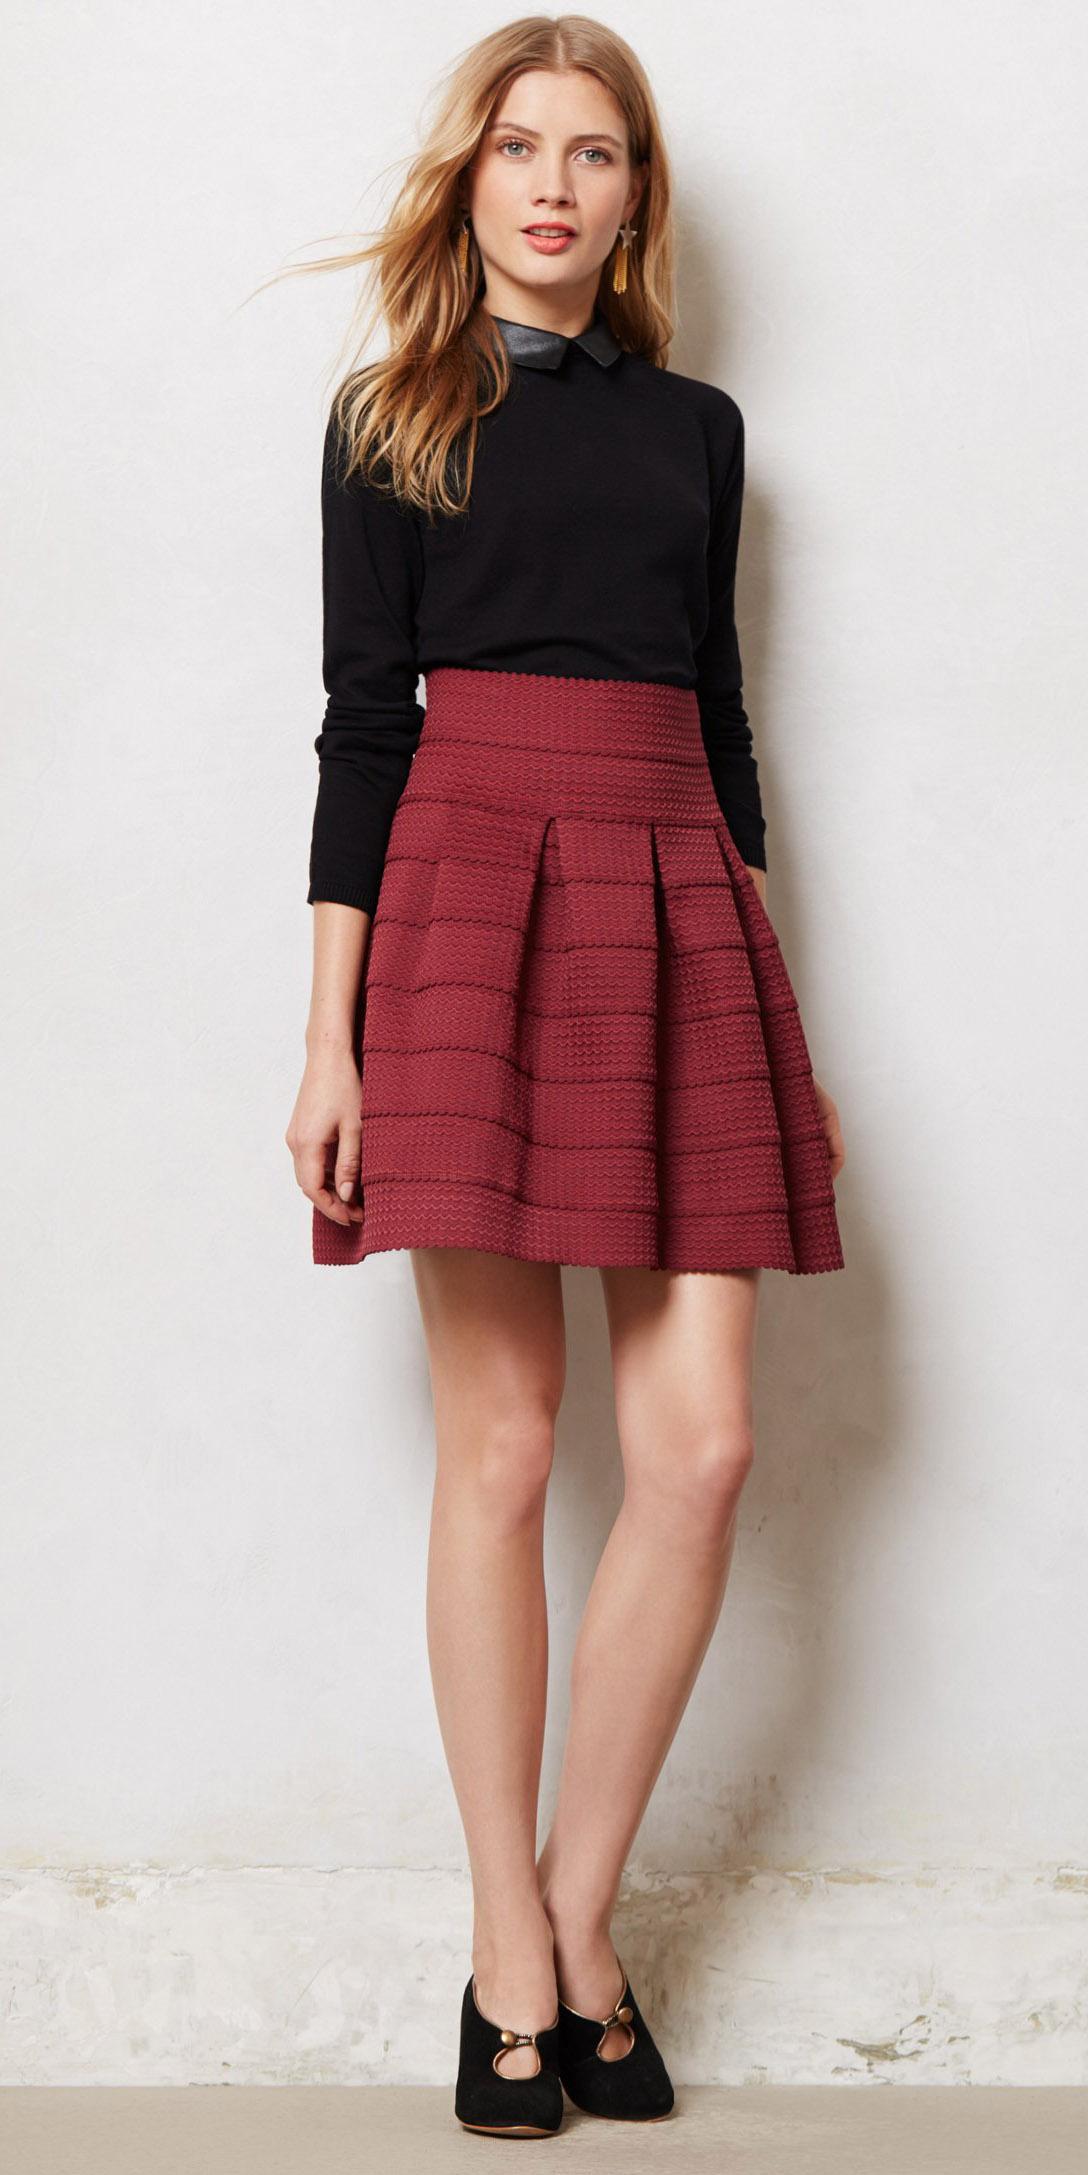 burgundy-mini-skirt-black-sweater-earrings-black-shoe-pumps-fall-winter-blonde-dinner.jpg